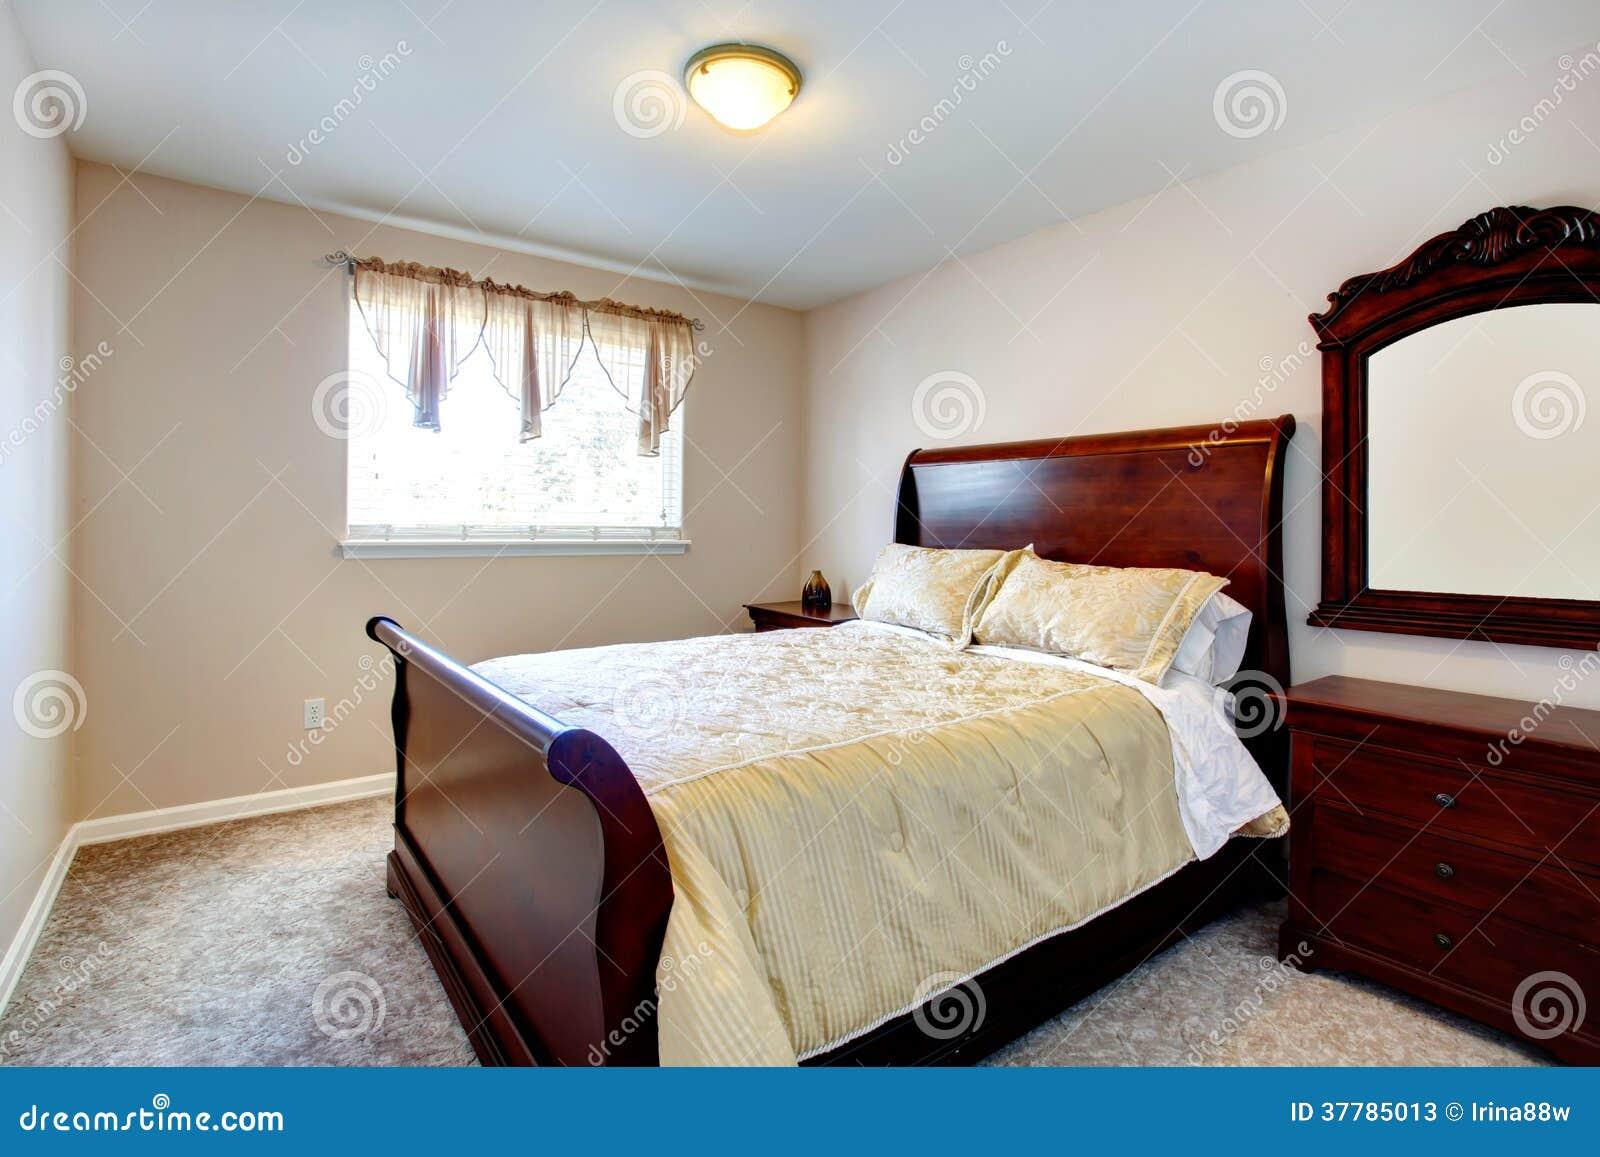 Design Slaapkamer Meubilair : Heldere slaapkamer met kersen houten meubilair stock afbeelding